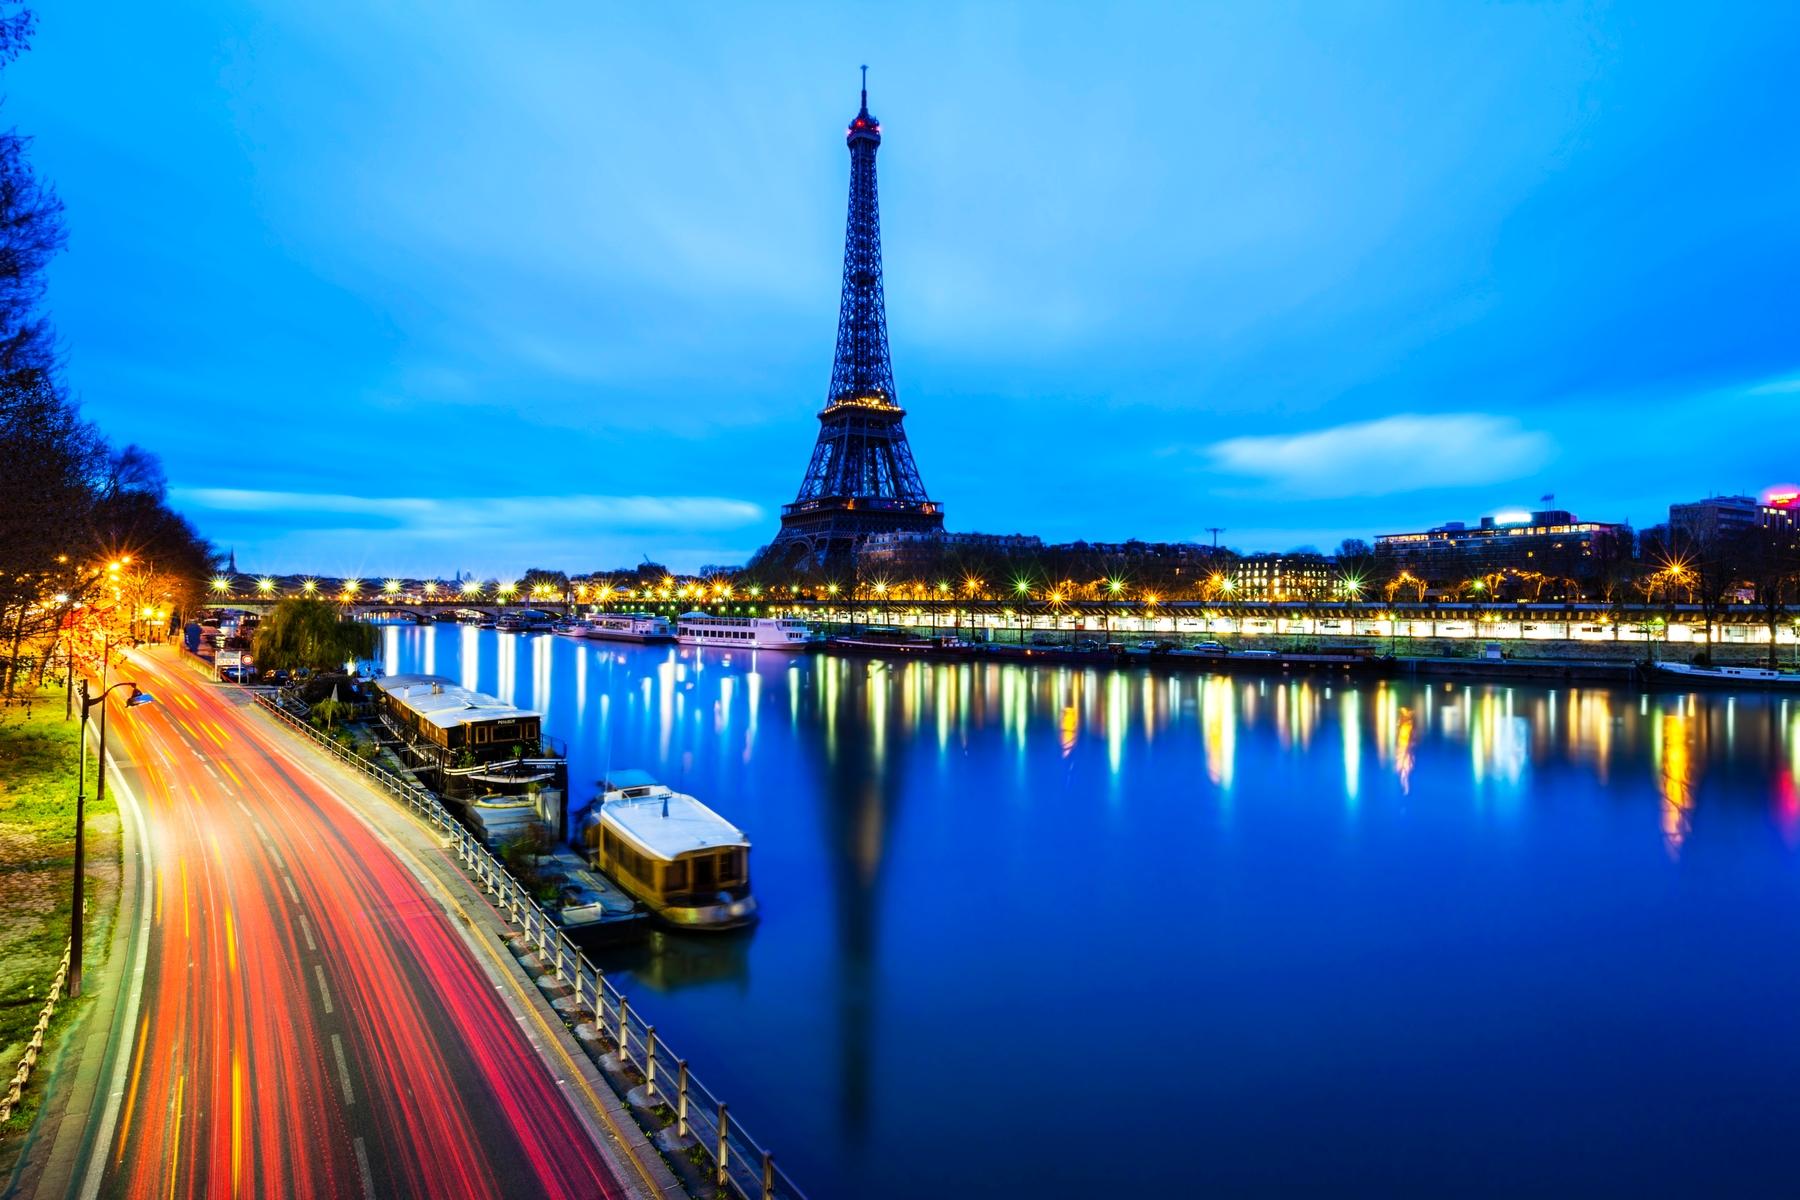 Эйфелева башня в сумерках и оживленные парижские улицы, снятые на длинной выдержке